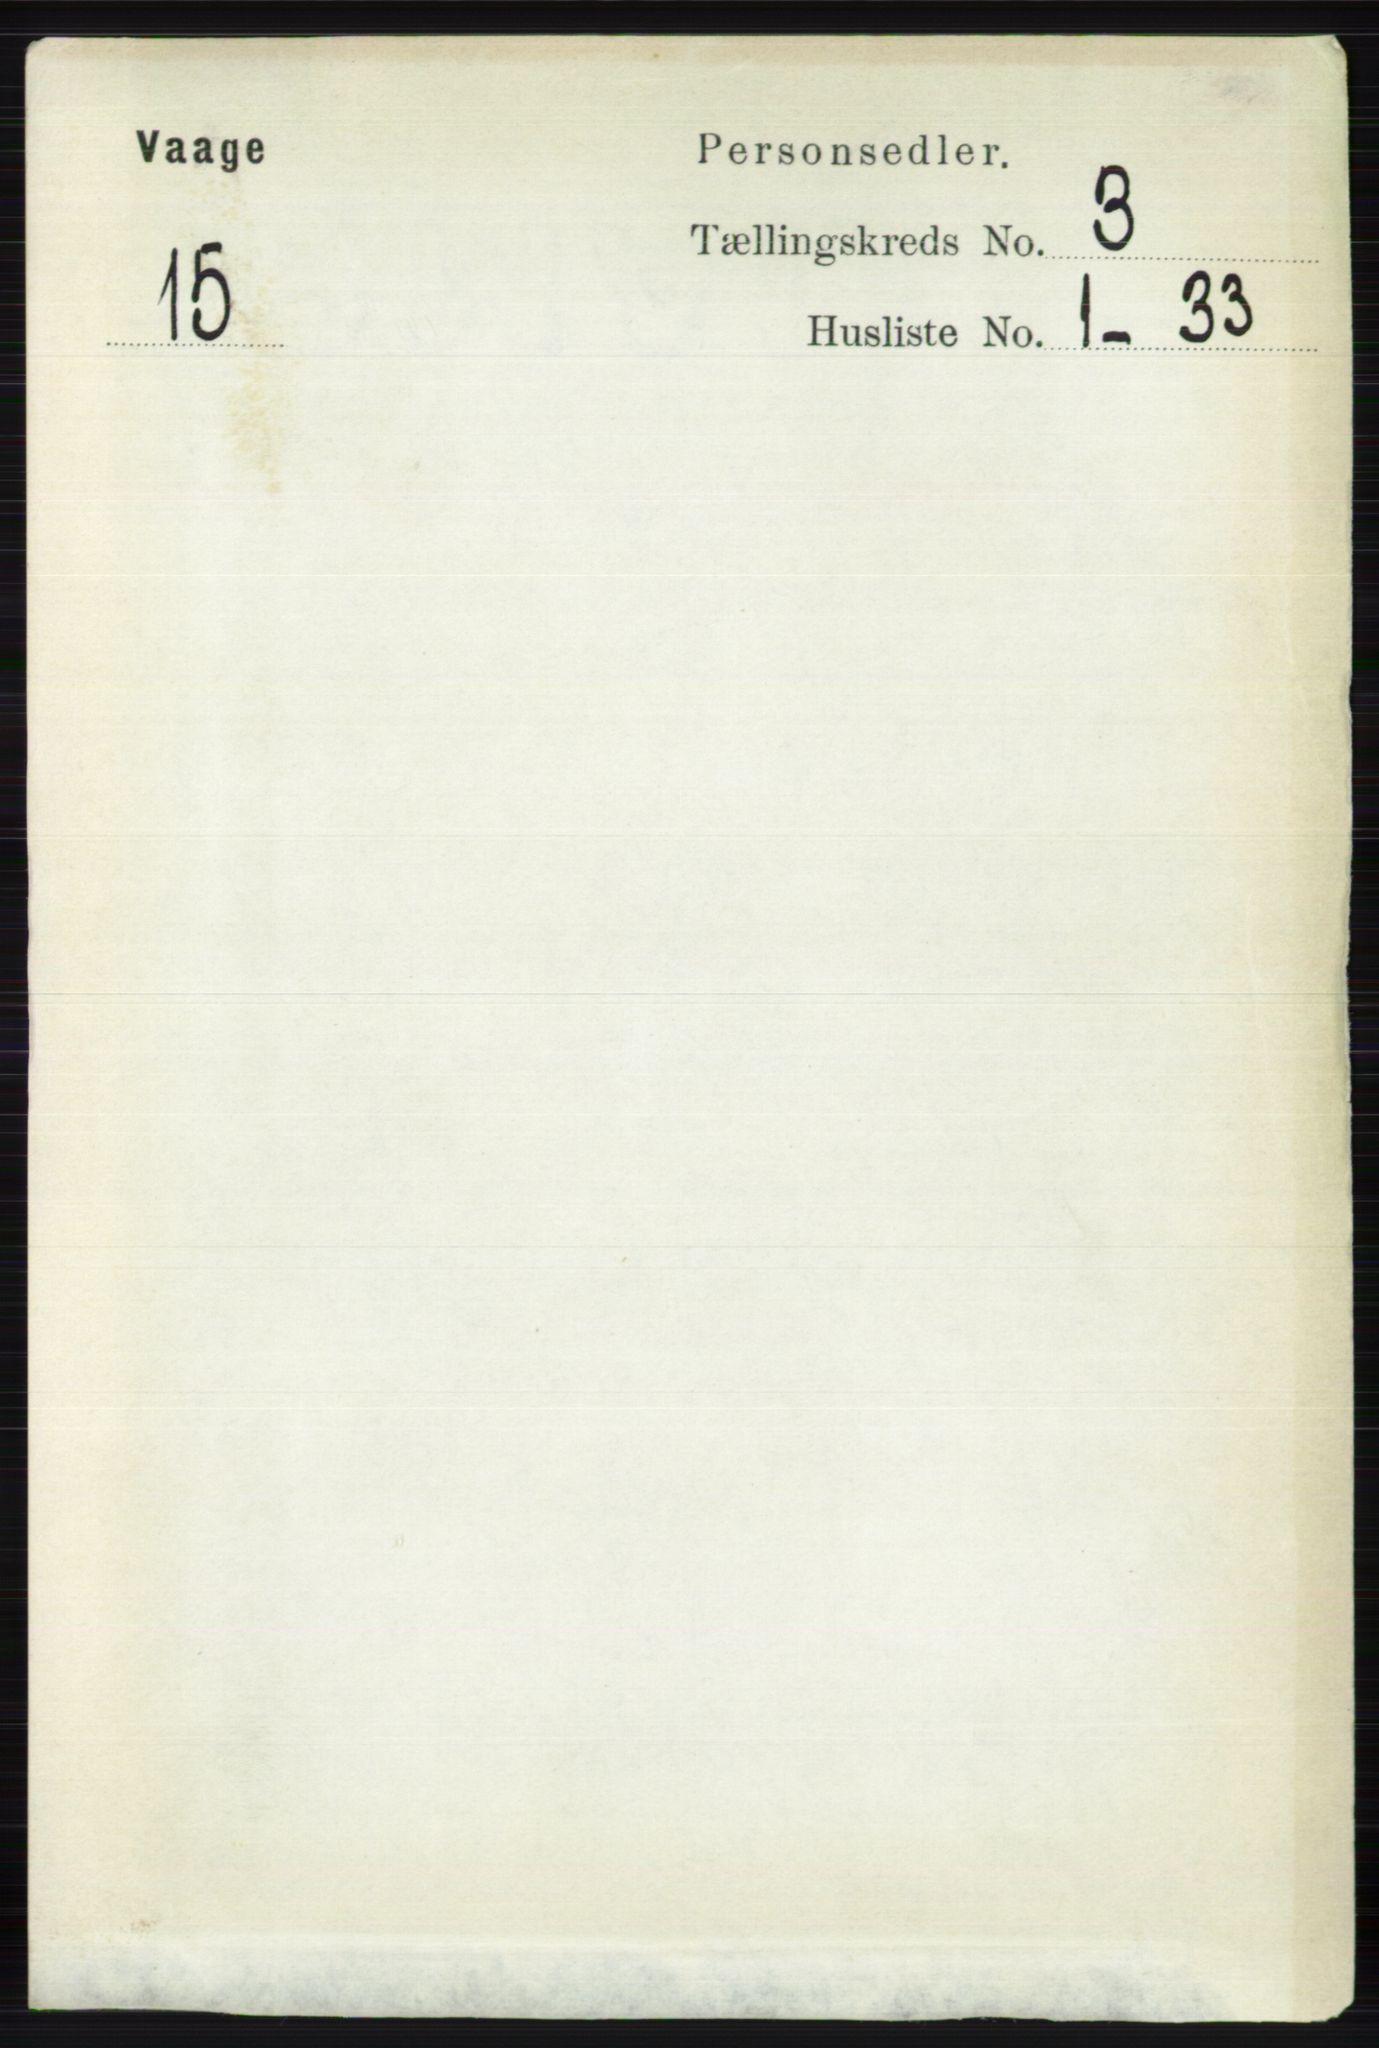 RA, Folketelling 1891 for 0515 Vågå herred, 1891, s. 2326